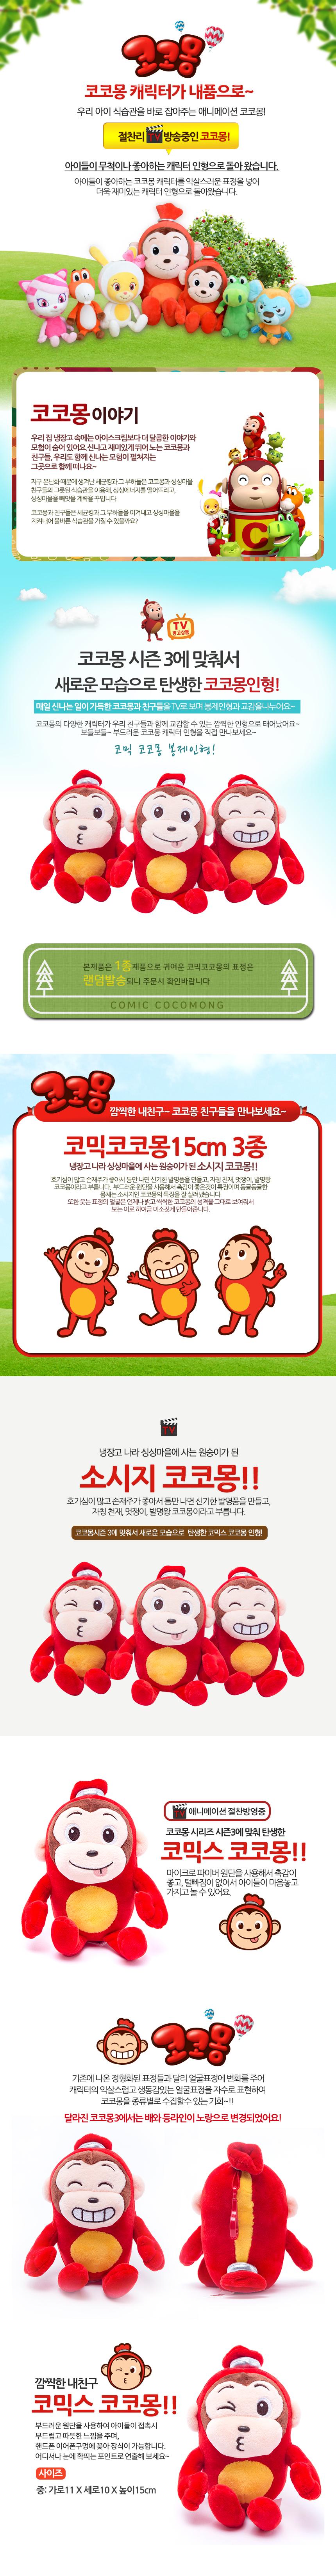 [토이트론공식] 코코몽인형-코믹 코코몽15cm - 코코몽, 6,300원, 캐릭터인형, 기타 캐릭터 인형